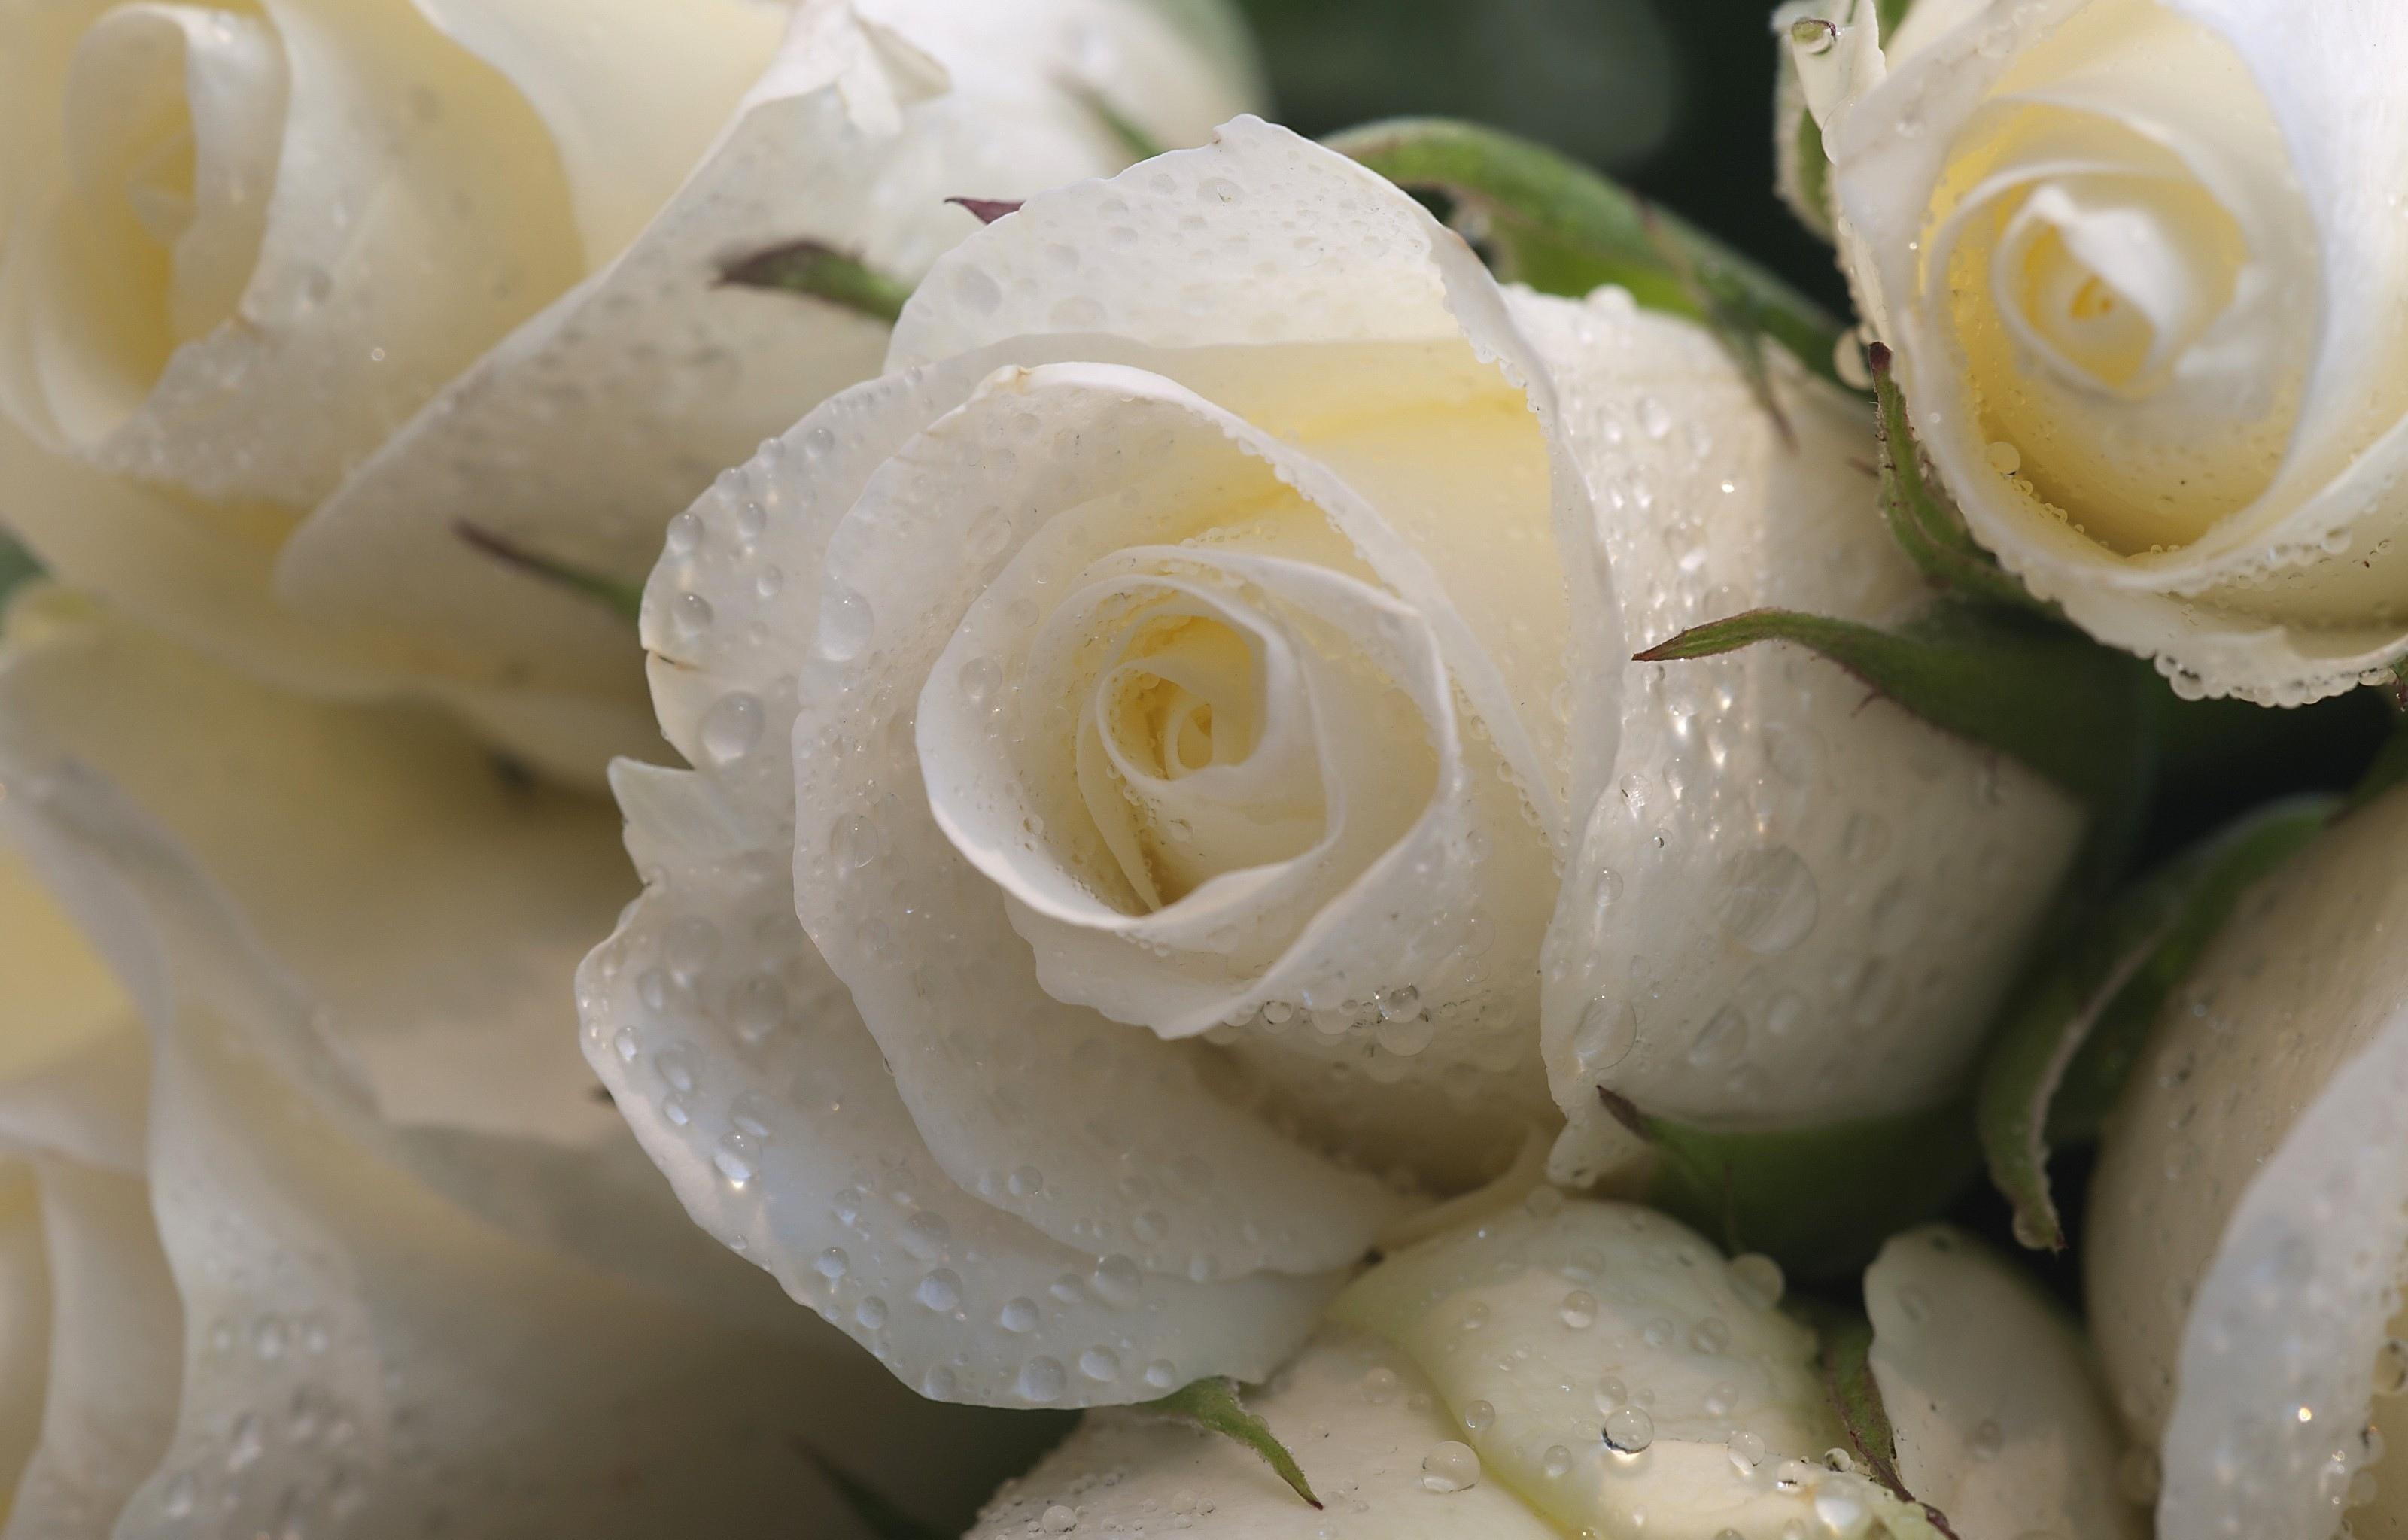 Фото рози джонс полноценного